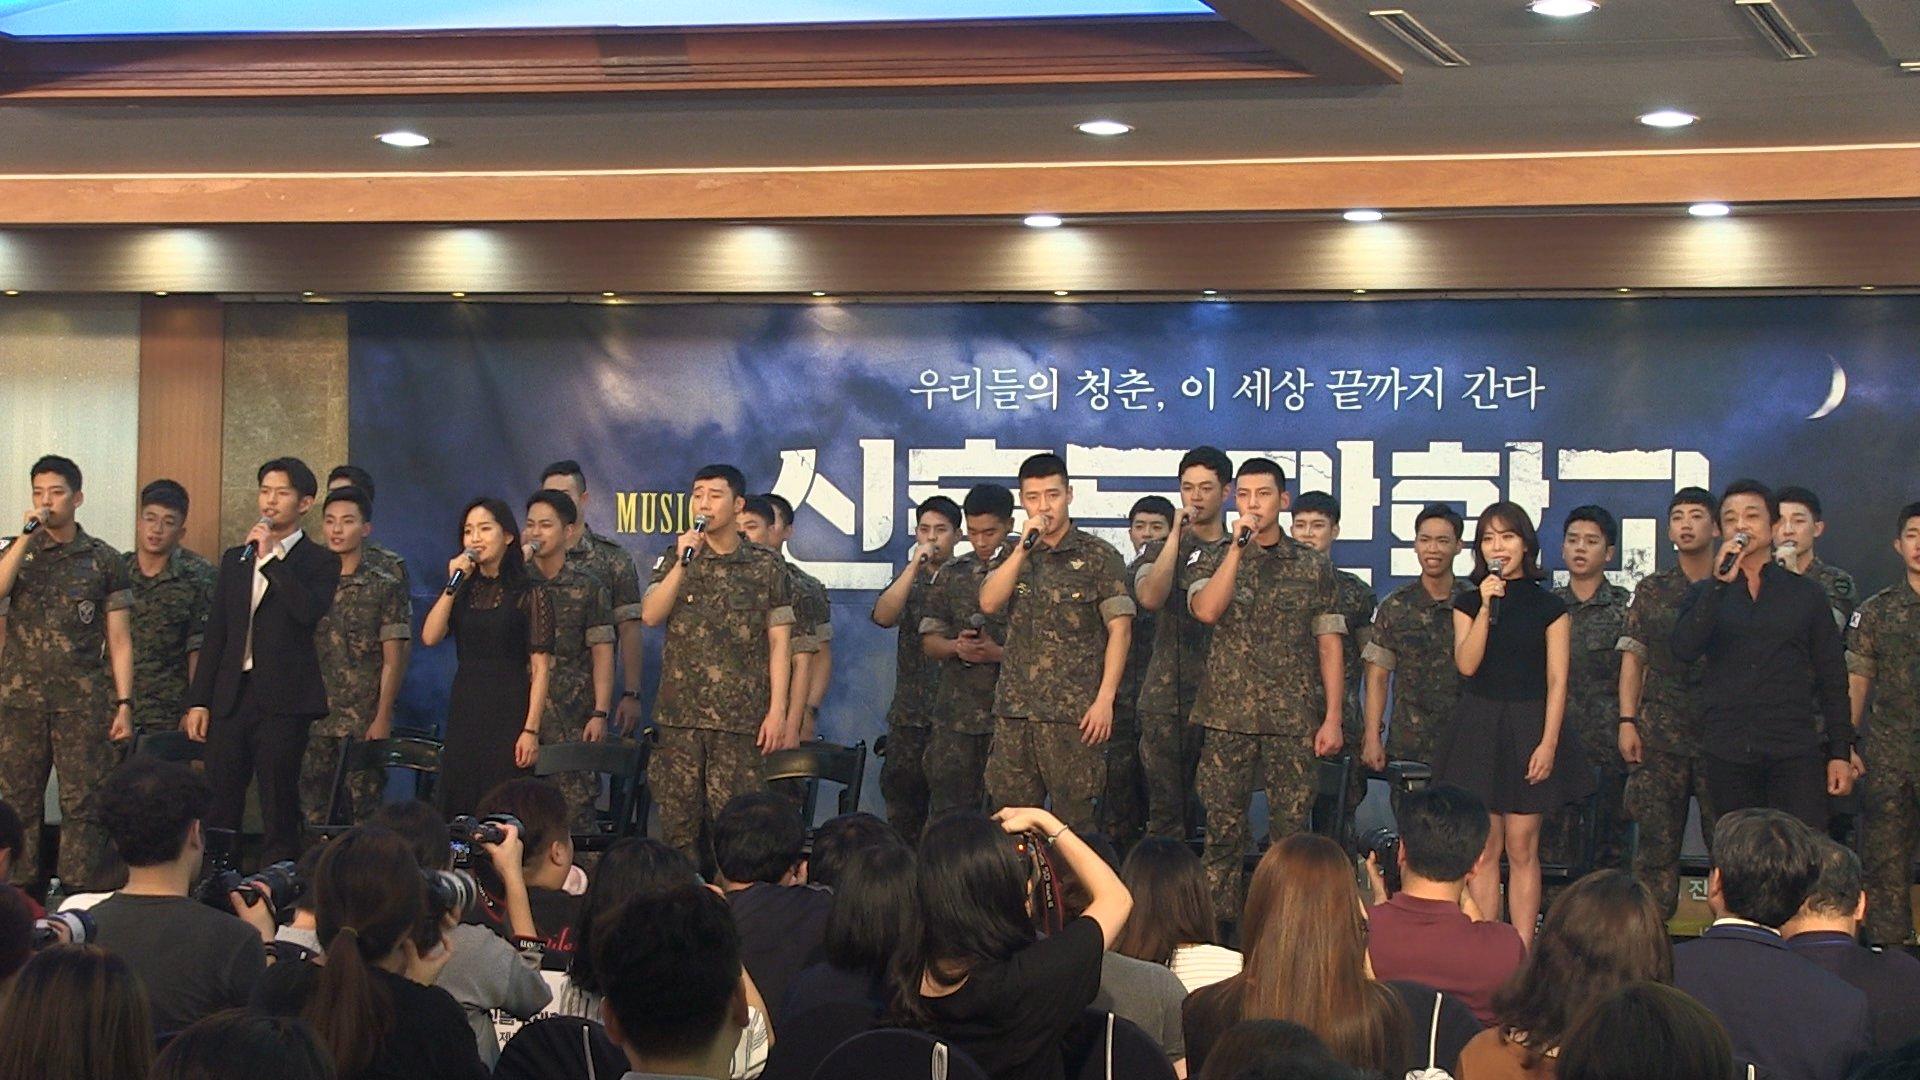 '신흥무관학교' 제작발표회 '가난한 유서' - 이정열, 김동현 외